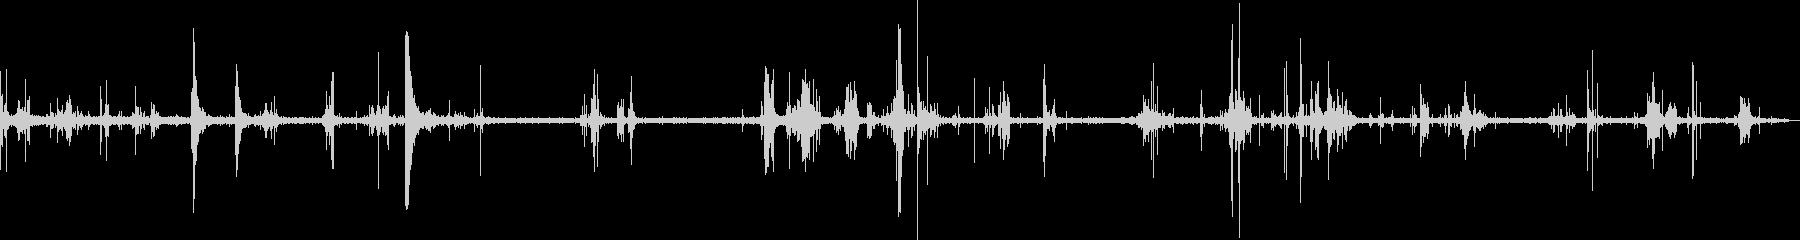 レスキューワーカーの移動と瓦Rのピ...の未再生の波形